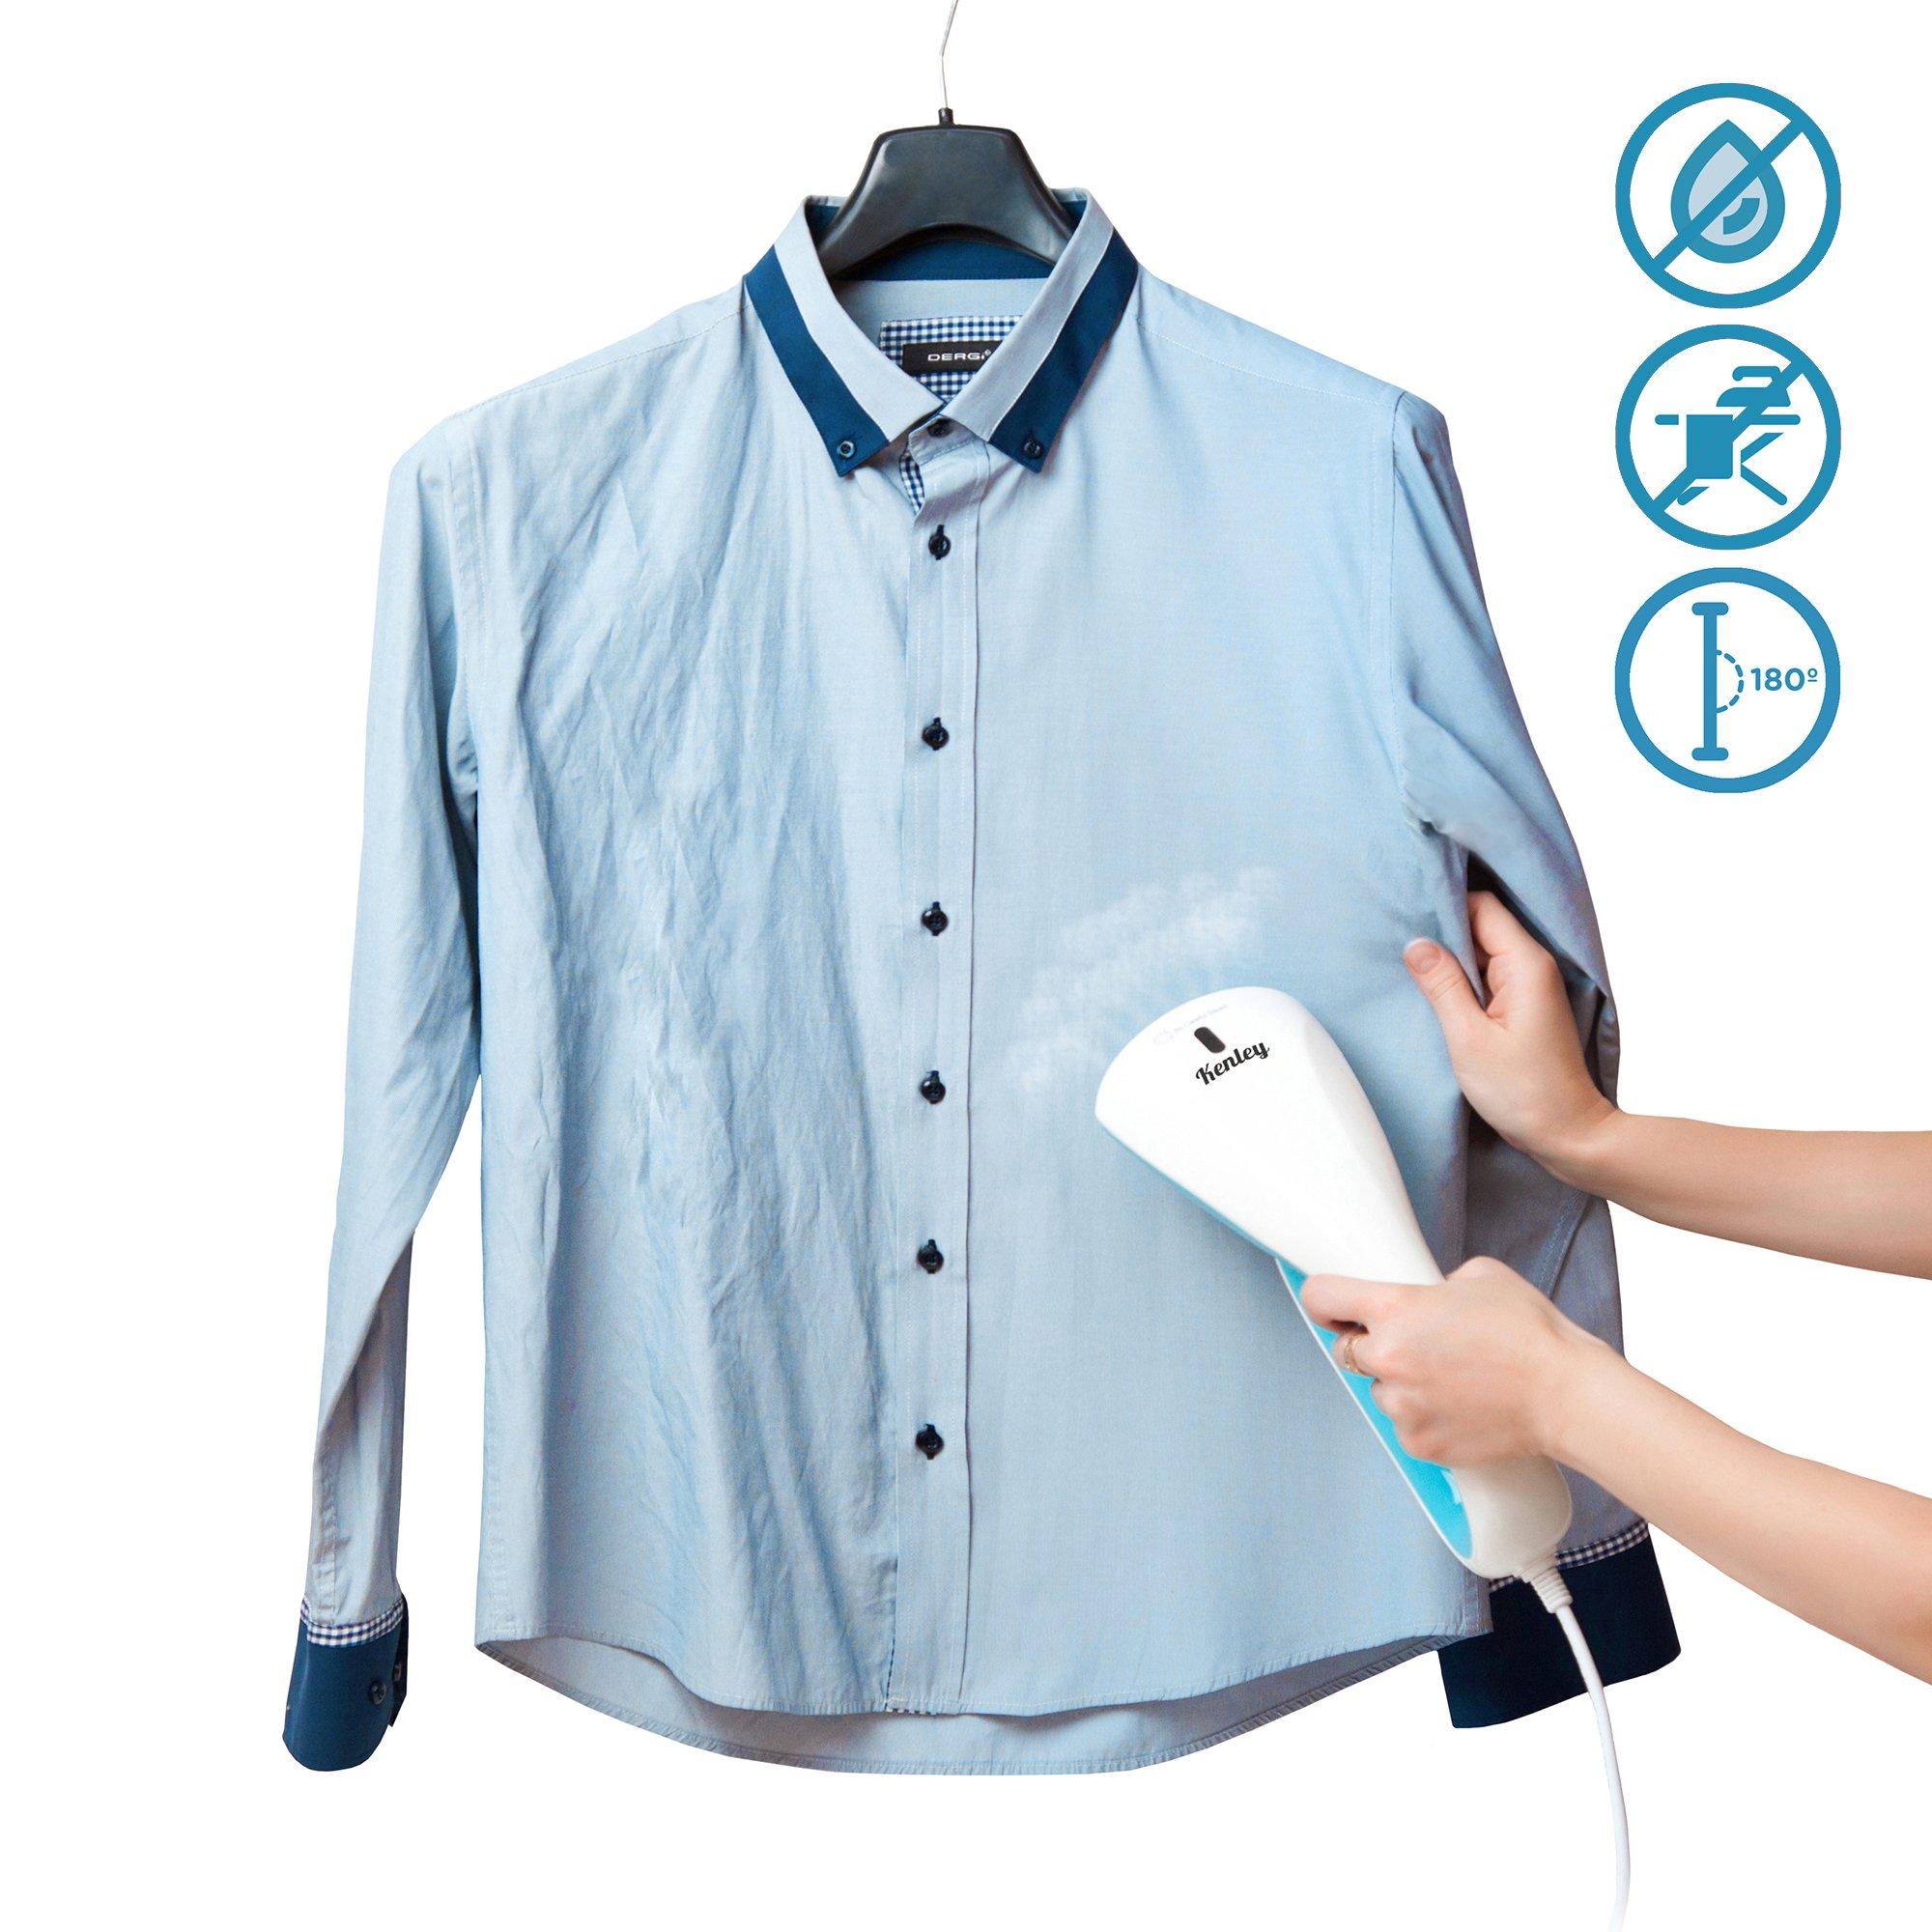 Kenley Dampfglätter Dampfbügeleisen - Mini Dampfbügelstation für Reise & Haushalt - 1000 W Bügeleisen Dampfbürste Dampf Steamer für Kleidung und Hemden - 20 Sekunden Erwärmung - 15 Min Dampfzeit